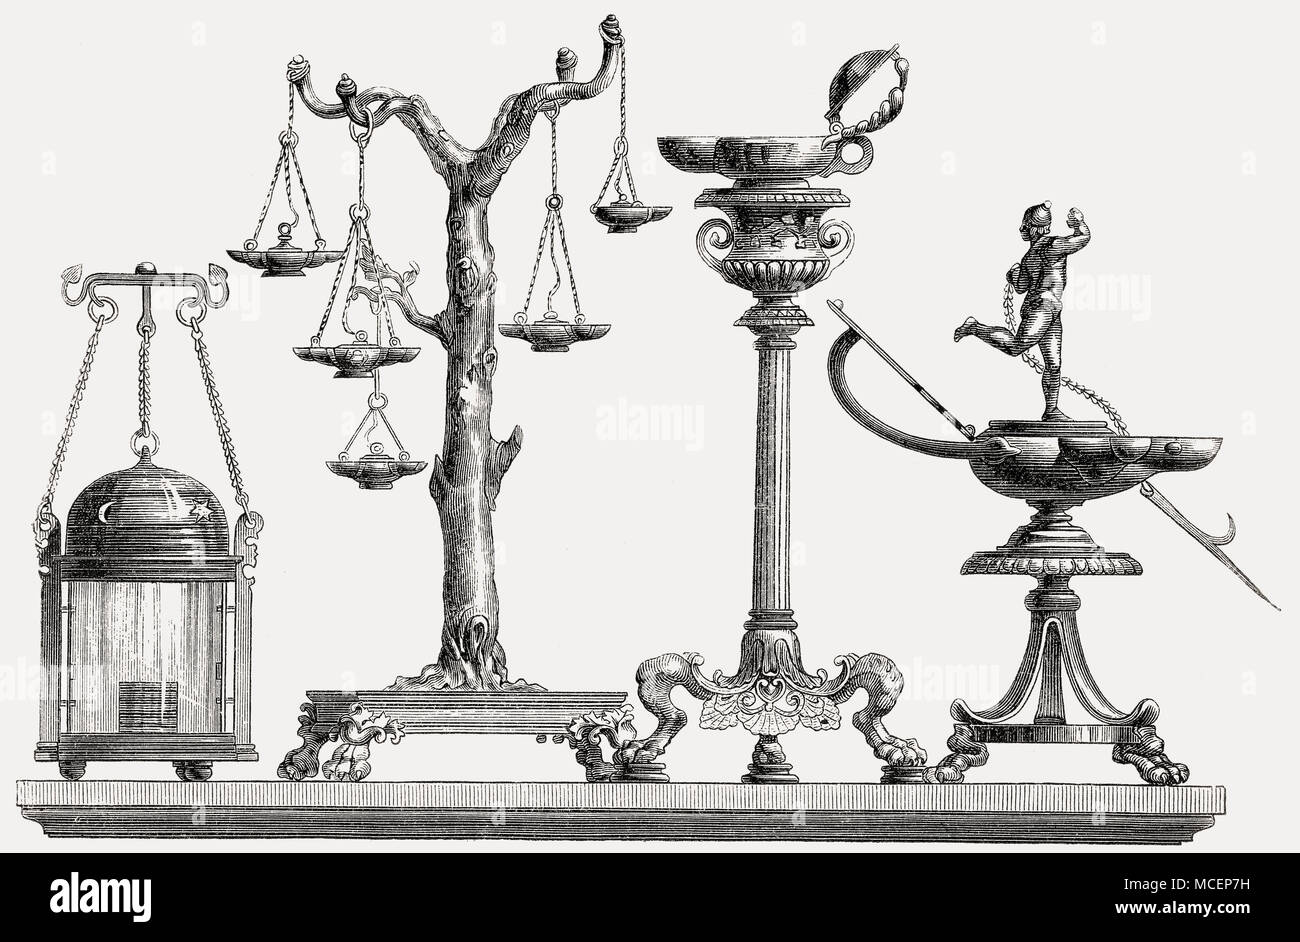 Instrumente für Heizung und Beleuchtung, das antike Rom Stockbild